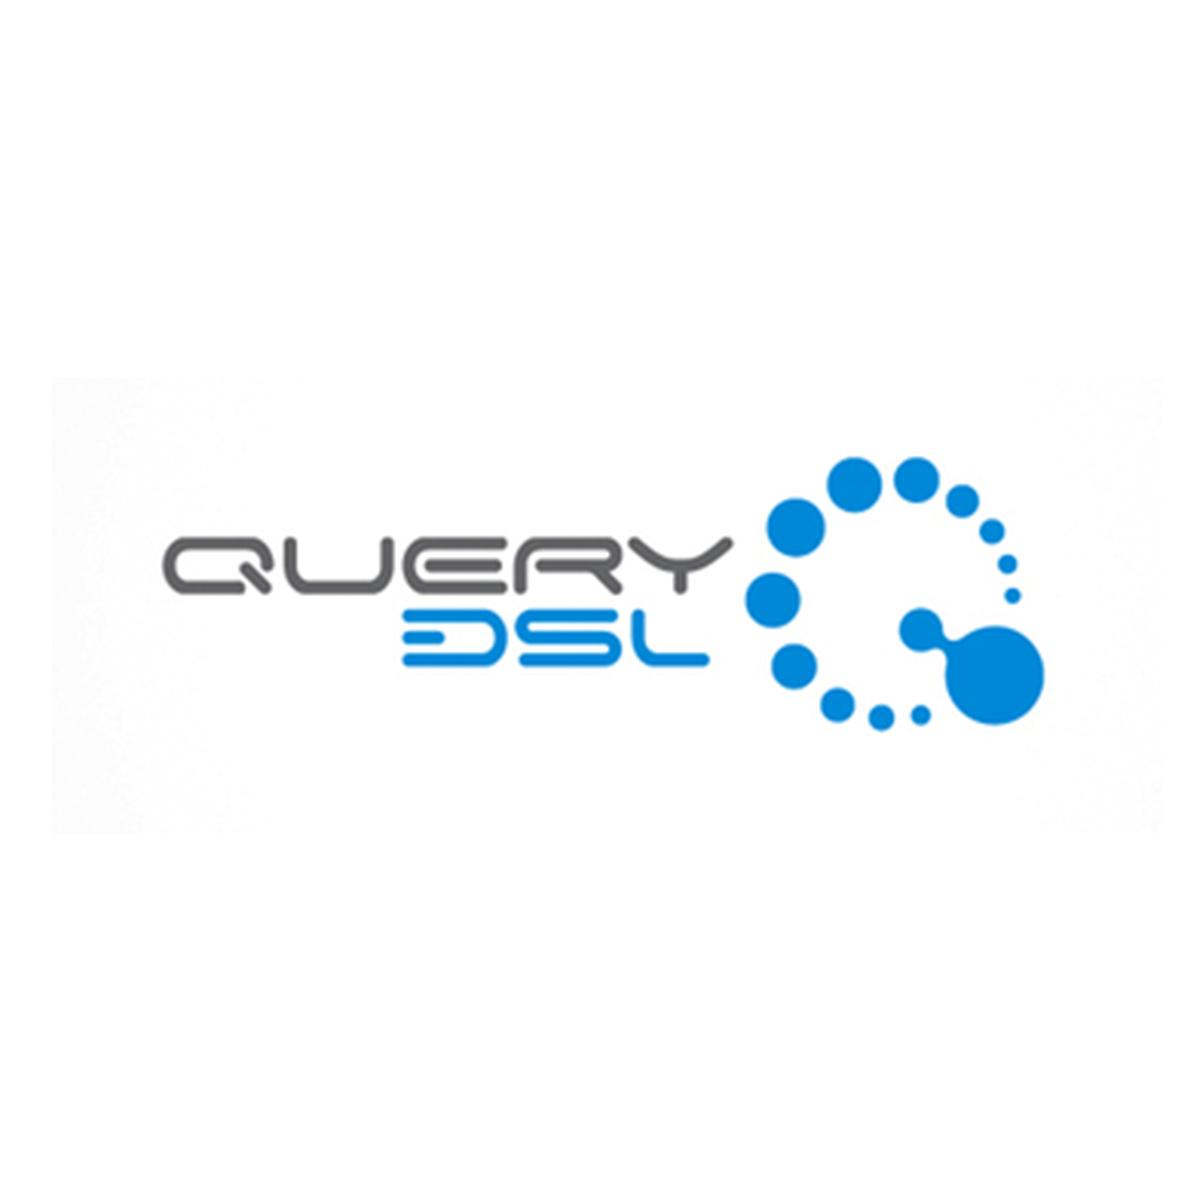 QueryDSL